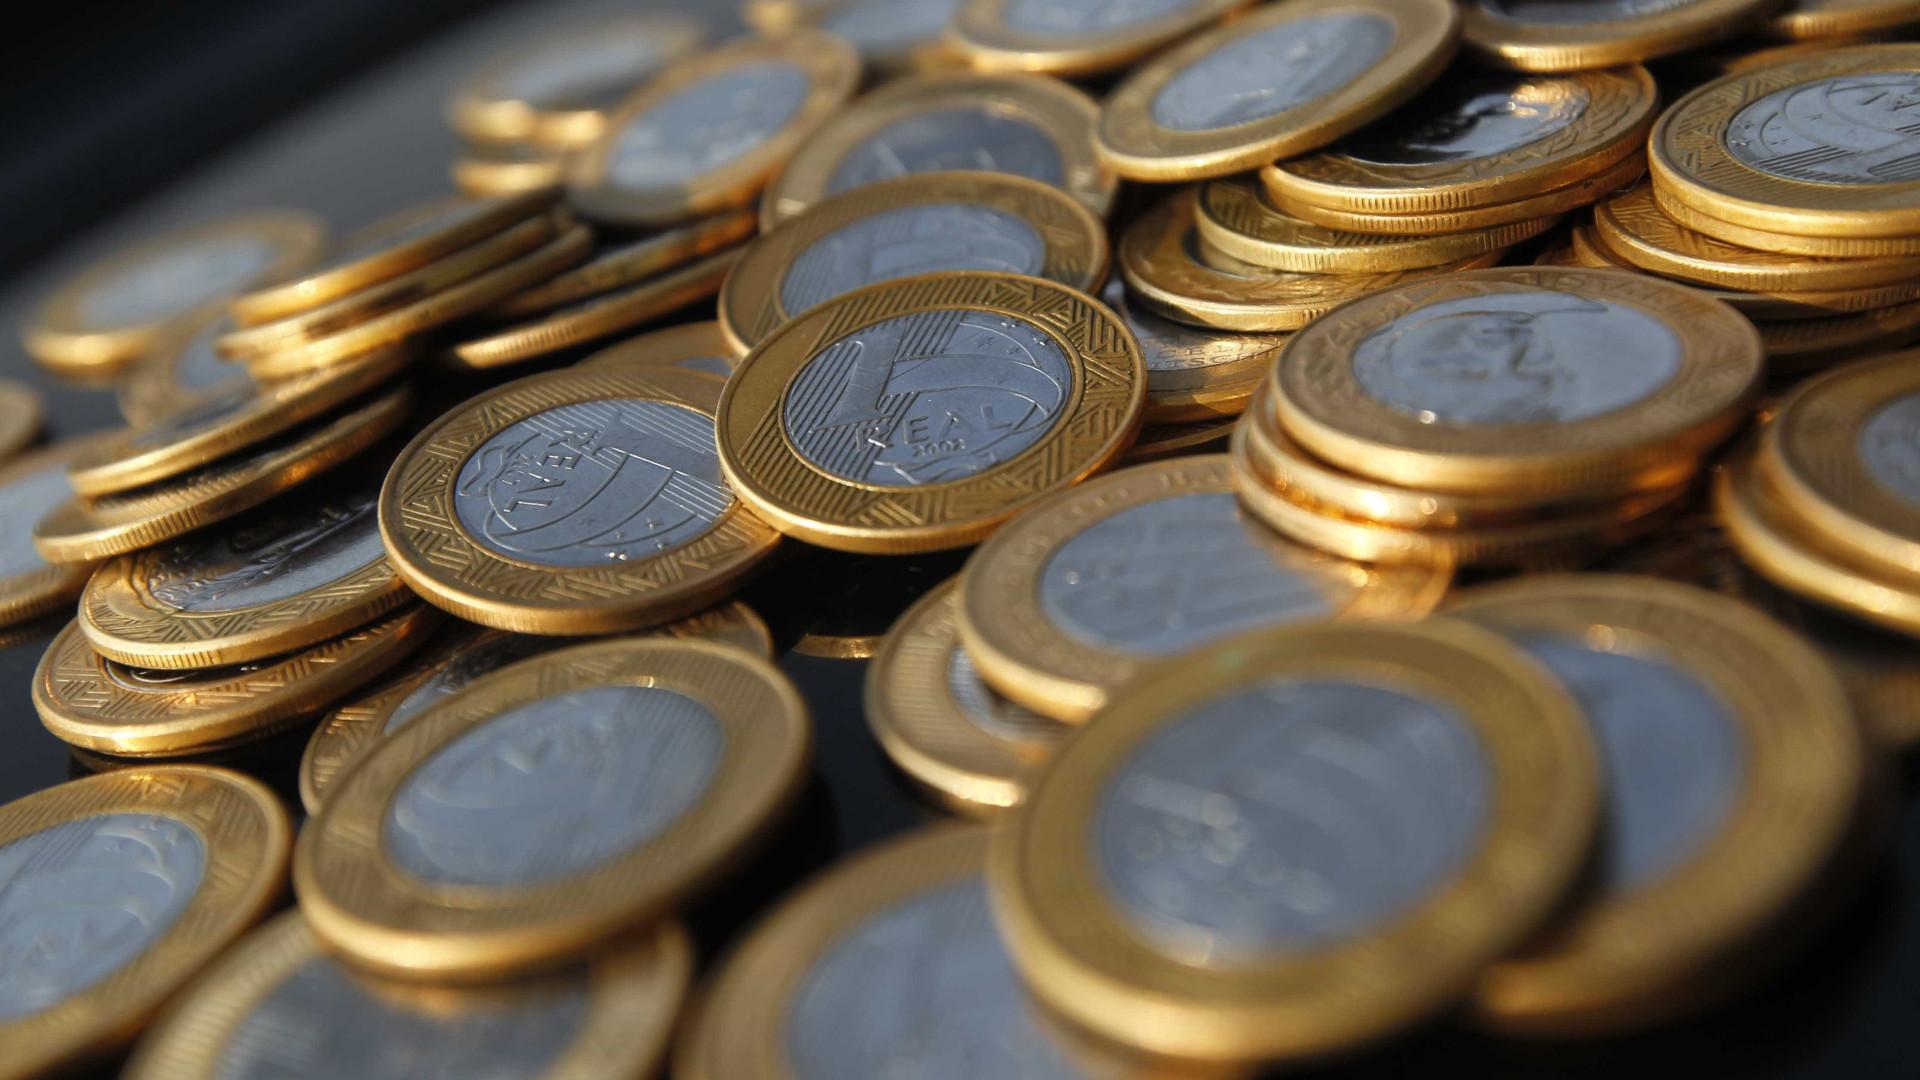 Economistas veem chance de deflação rara em novembro